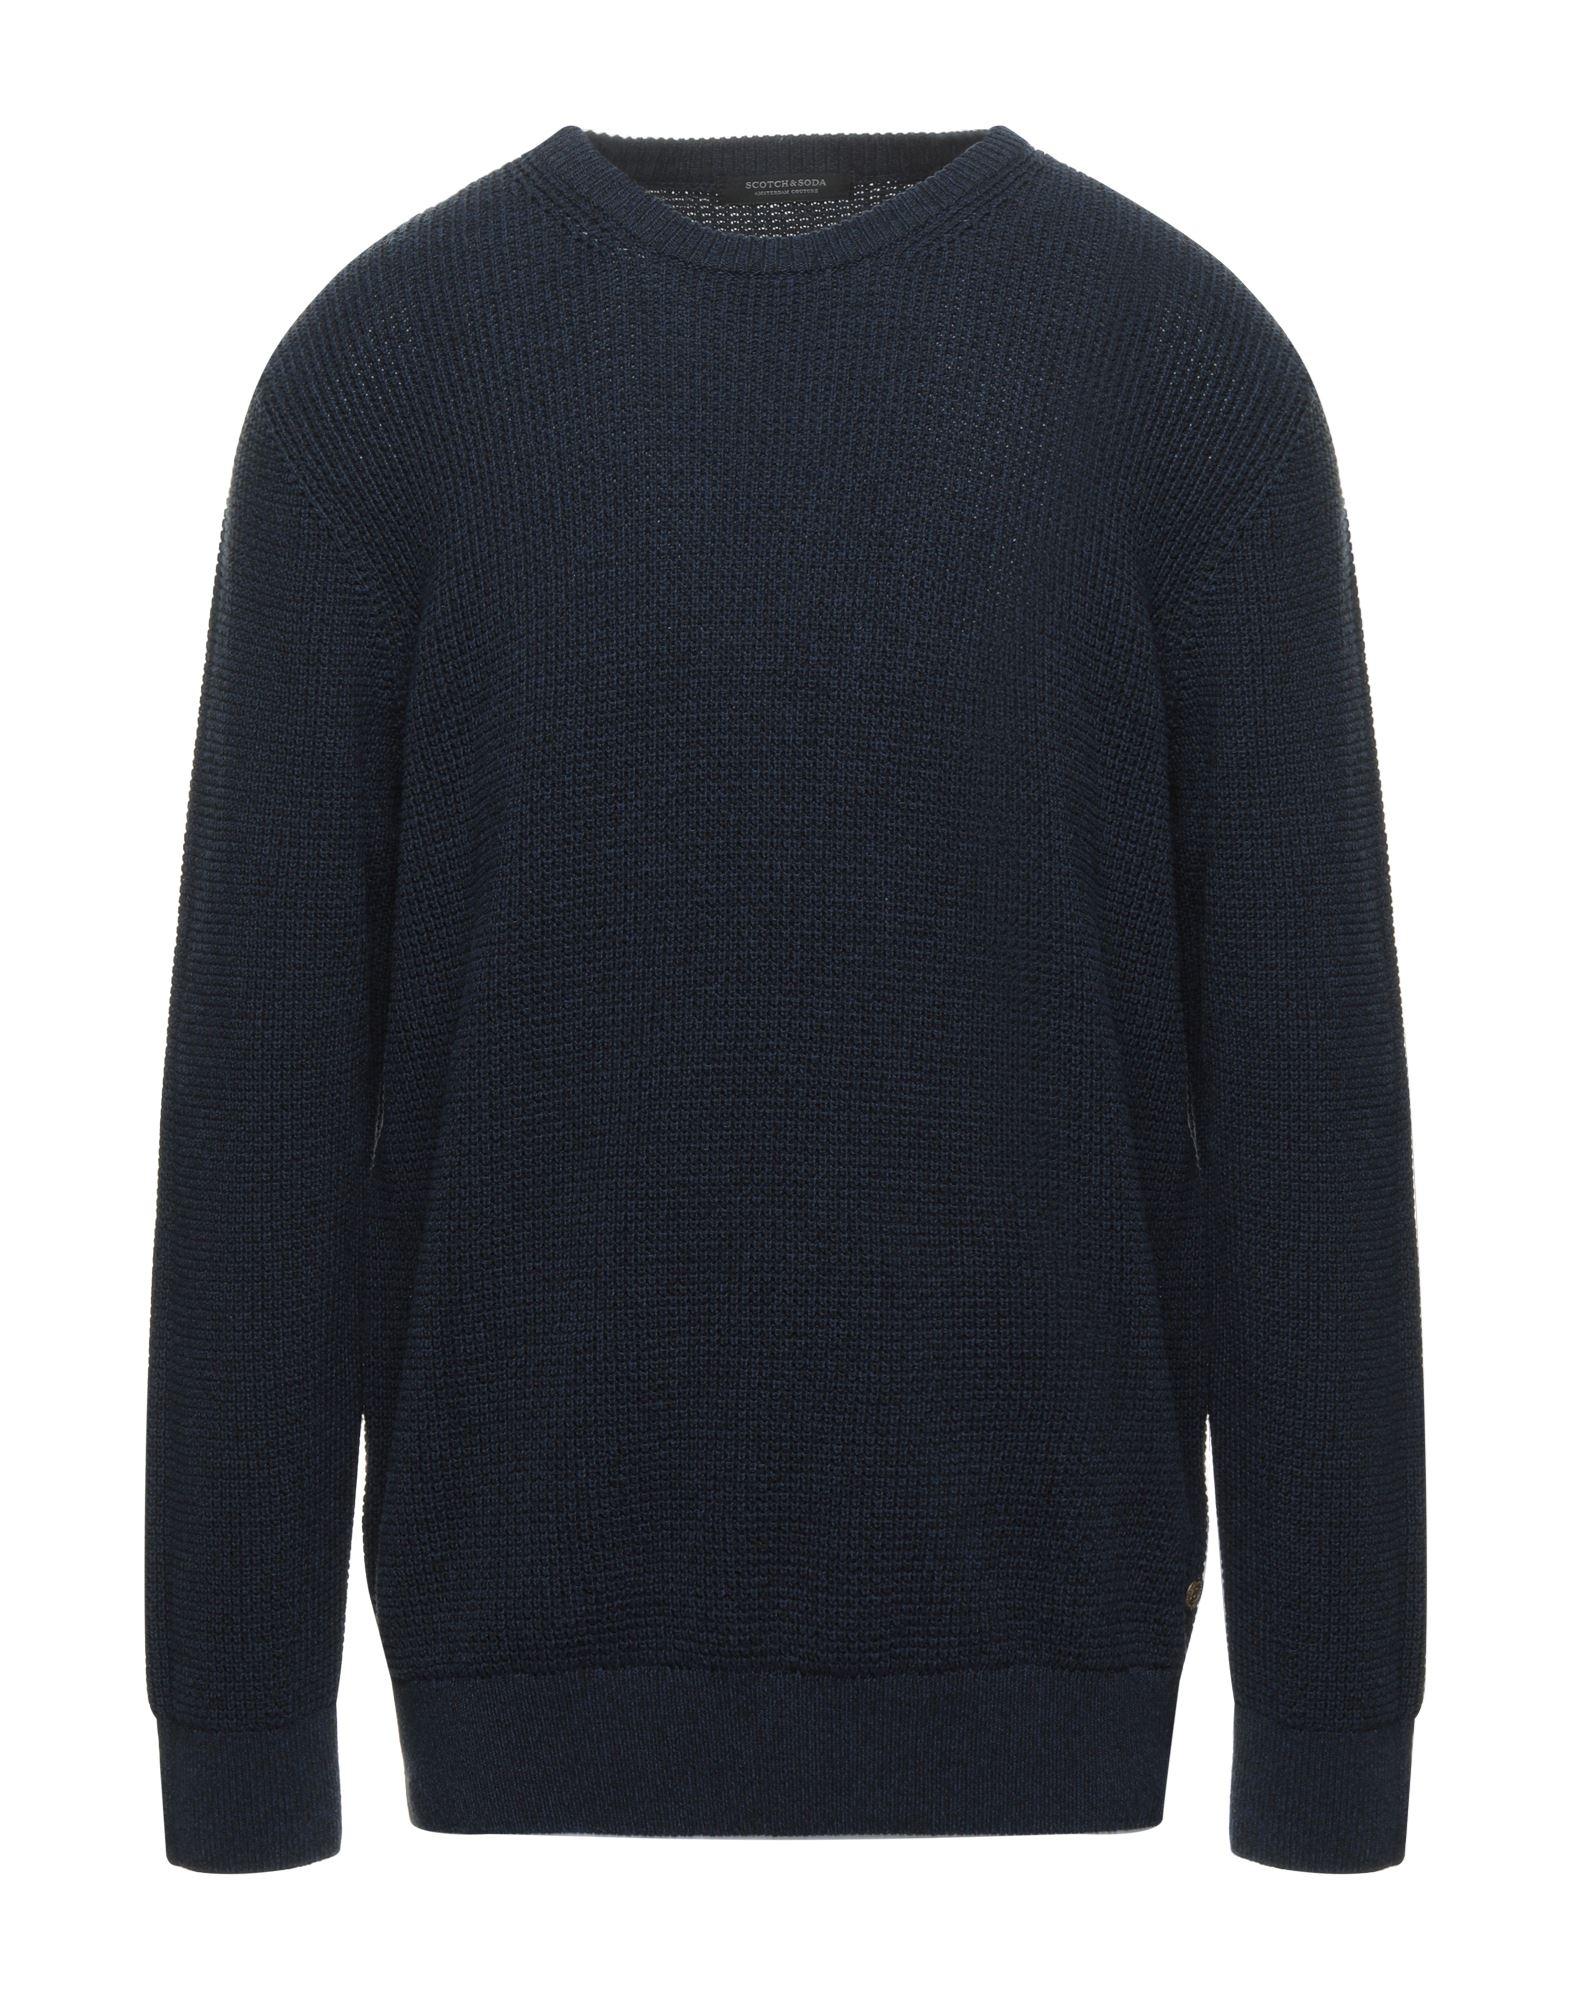 SCOTCH & SODA Sweaters - Item 14053217